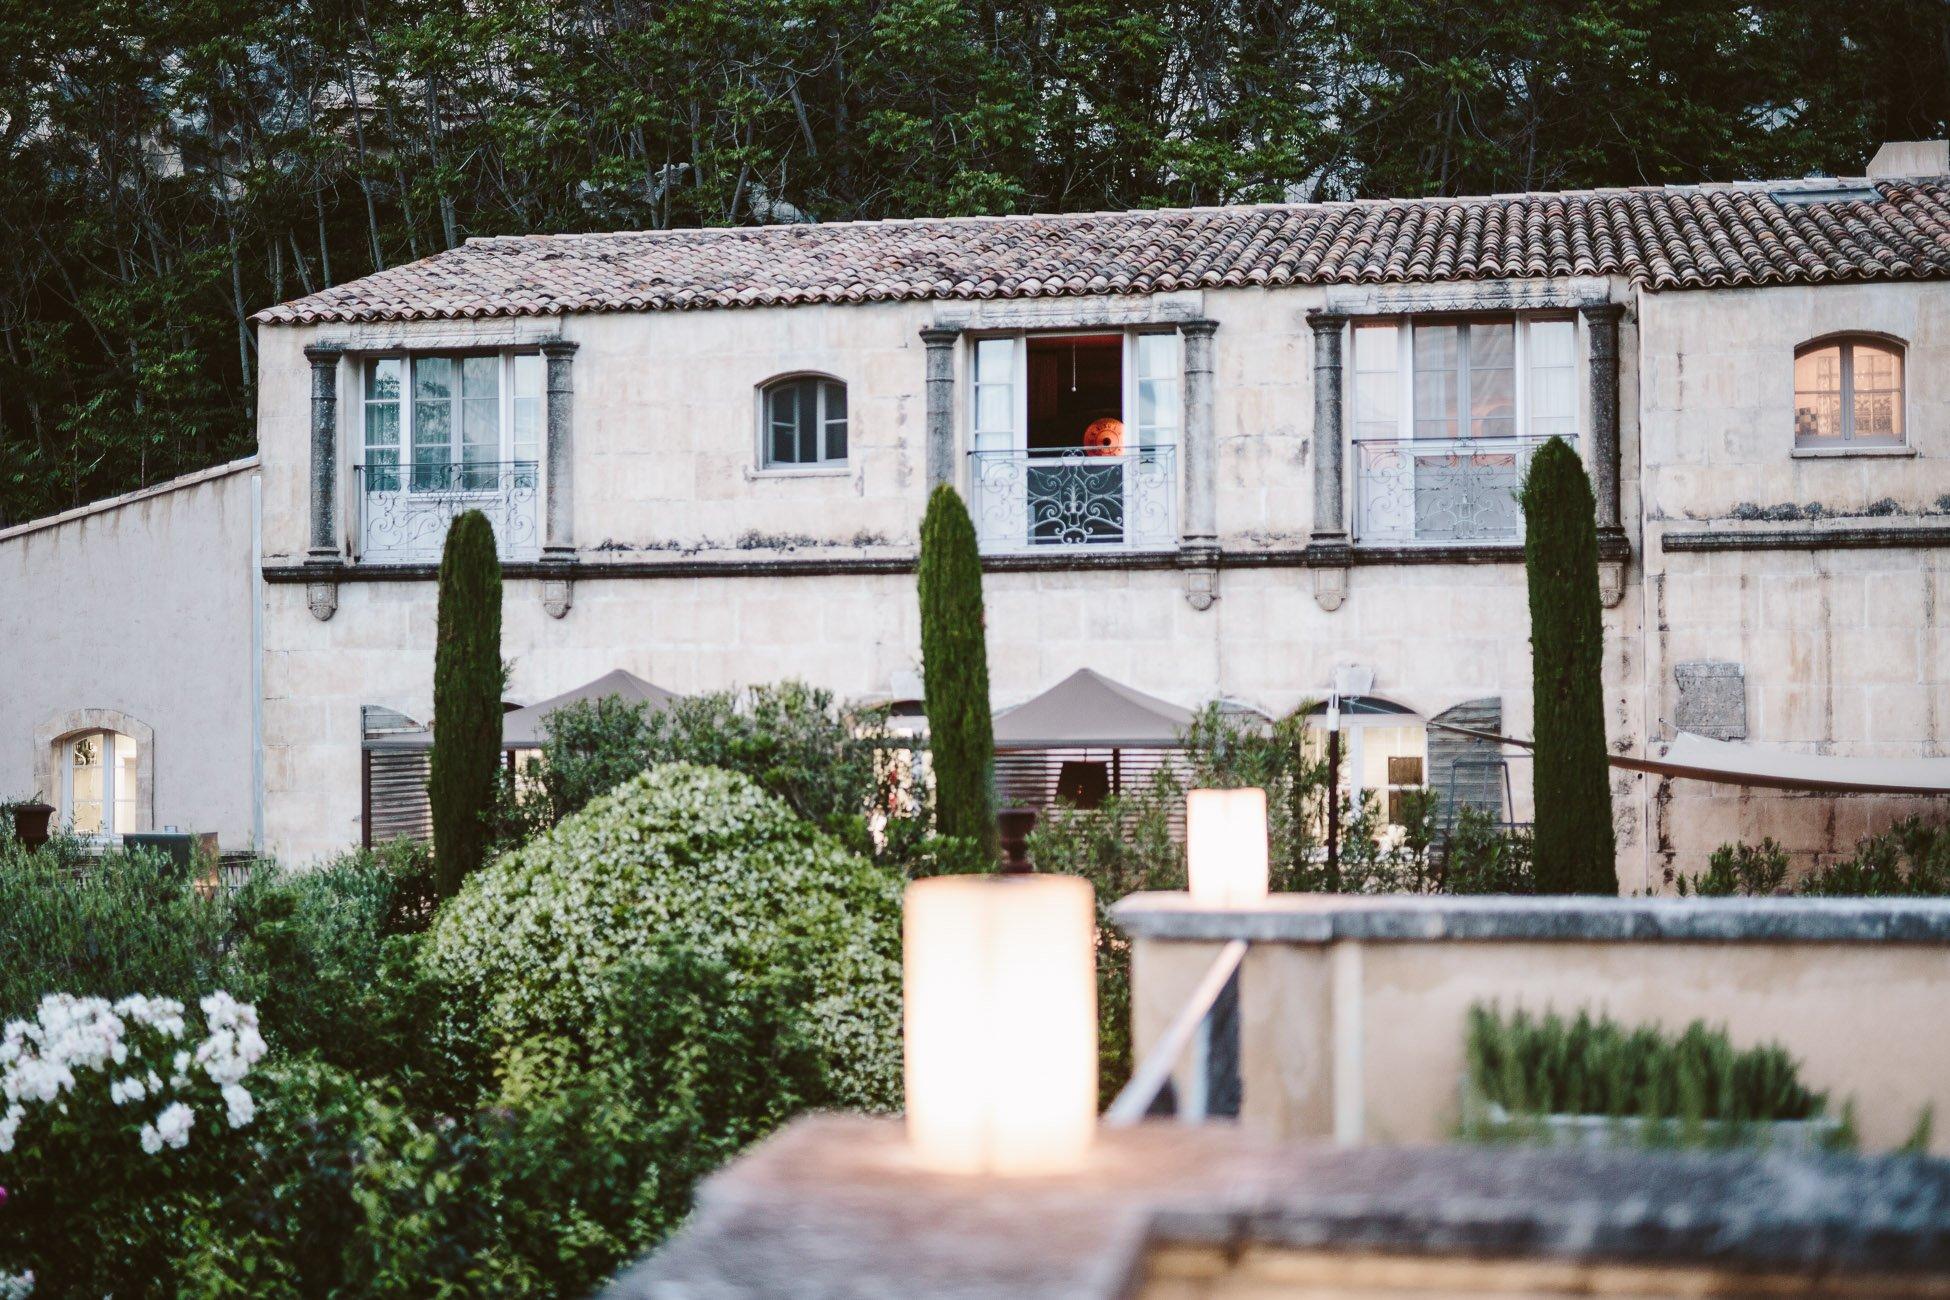 L'Oustau de Baumanière in Les Baux de Provence